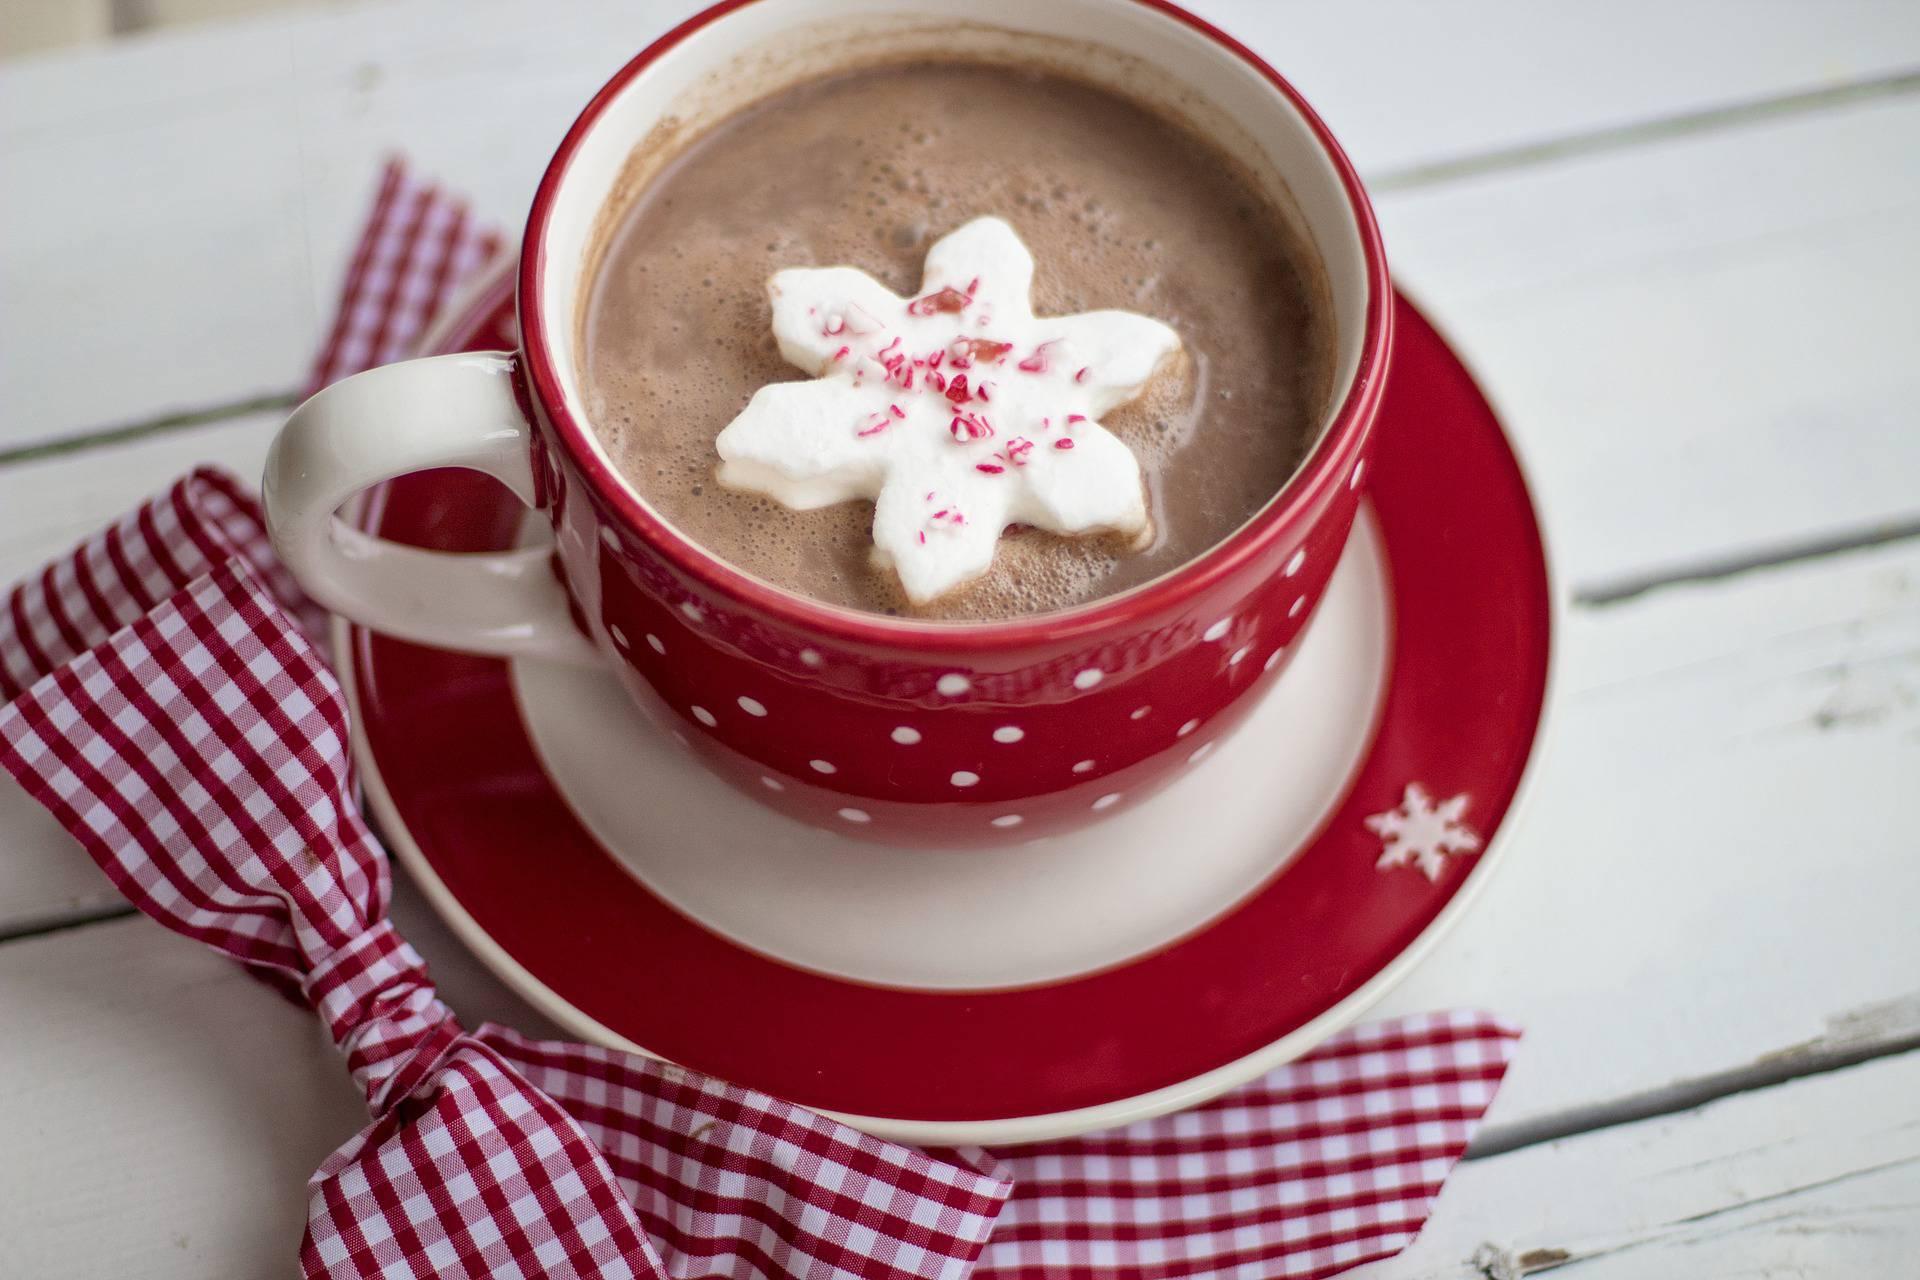 La colazione di Natale, tutti le ricette dai dolci alle bevande